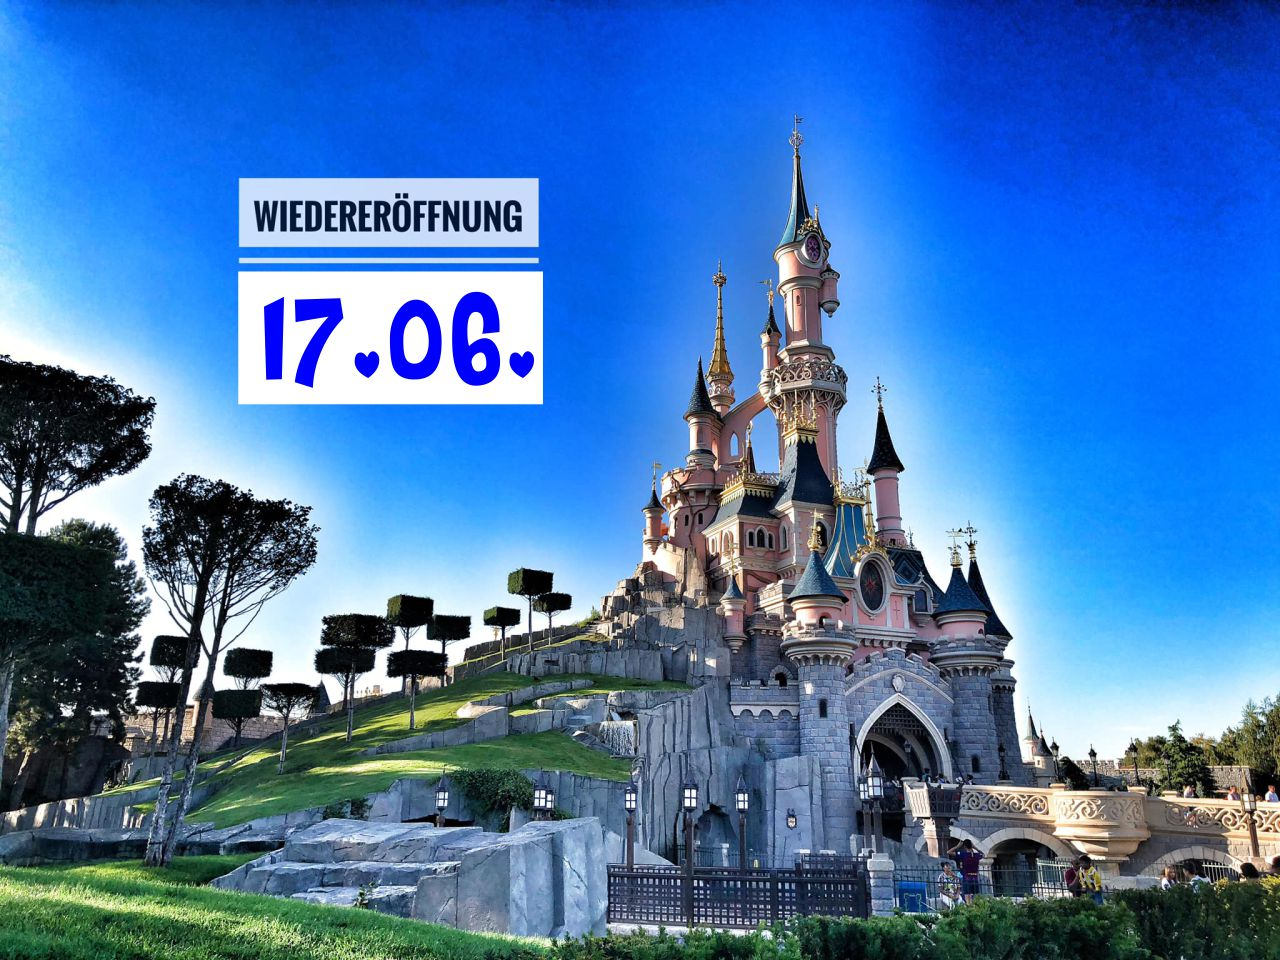 Disneyland Paris Wiedereröffnung 2021